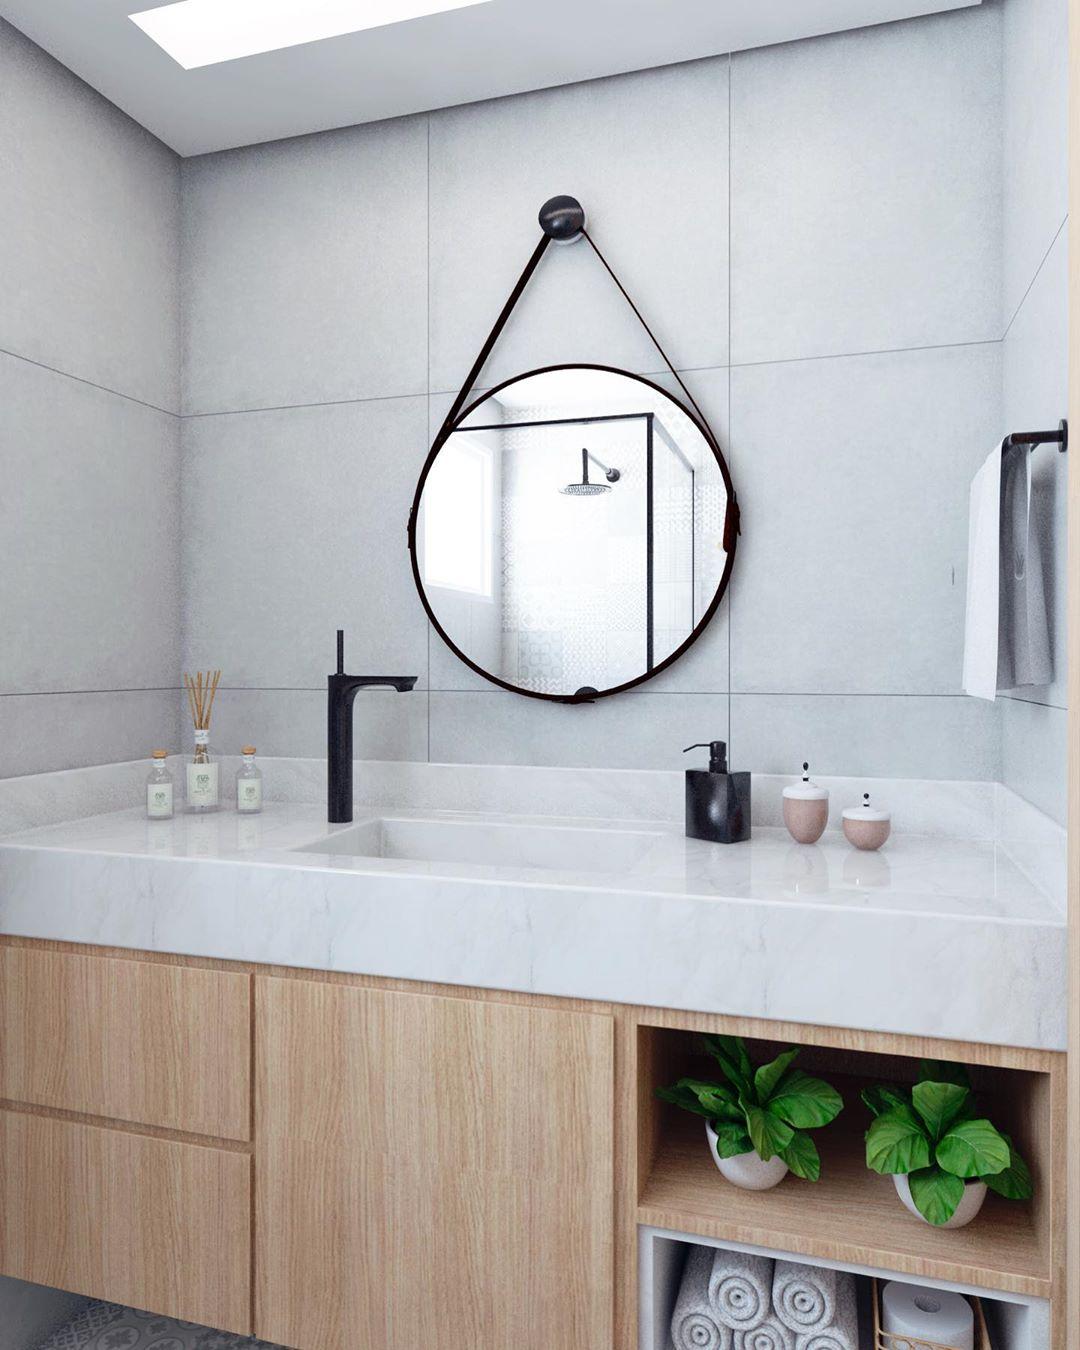 banheiro com espelho redondo adnet